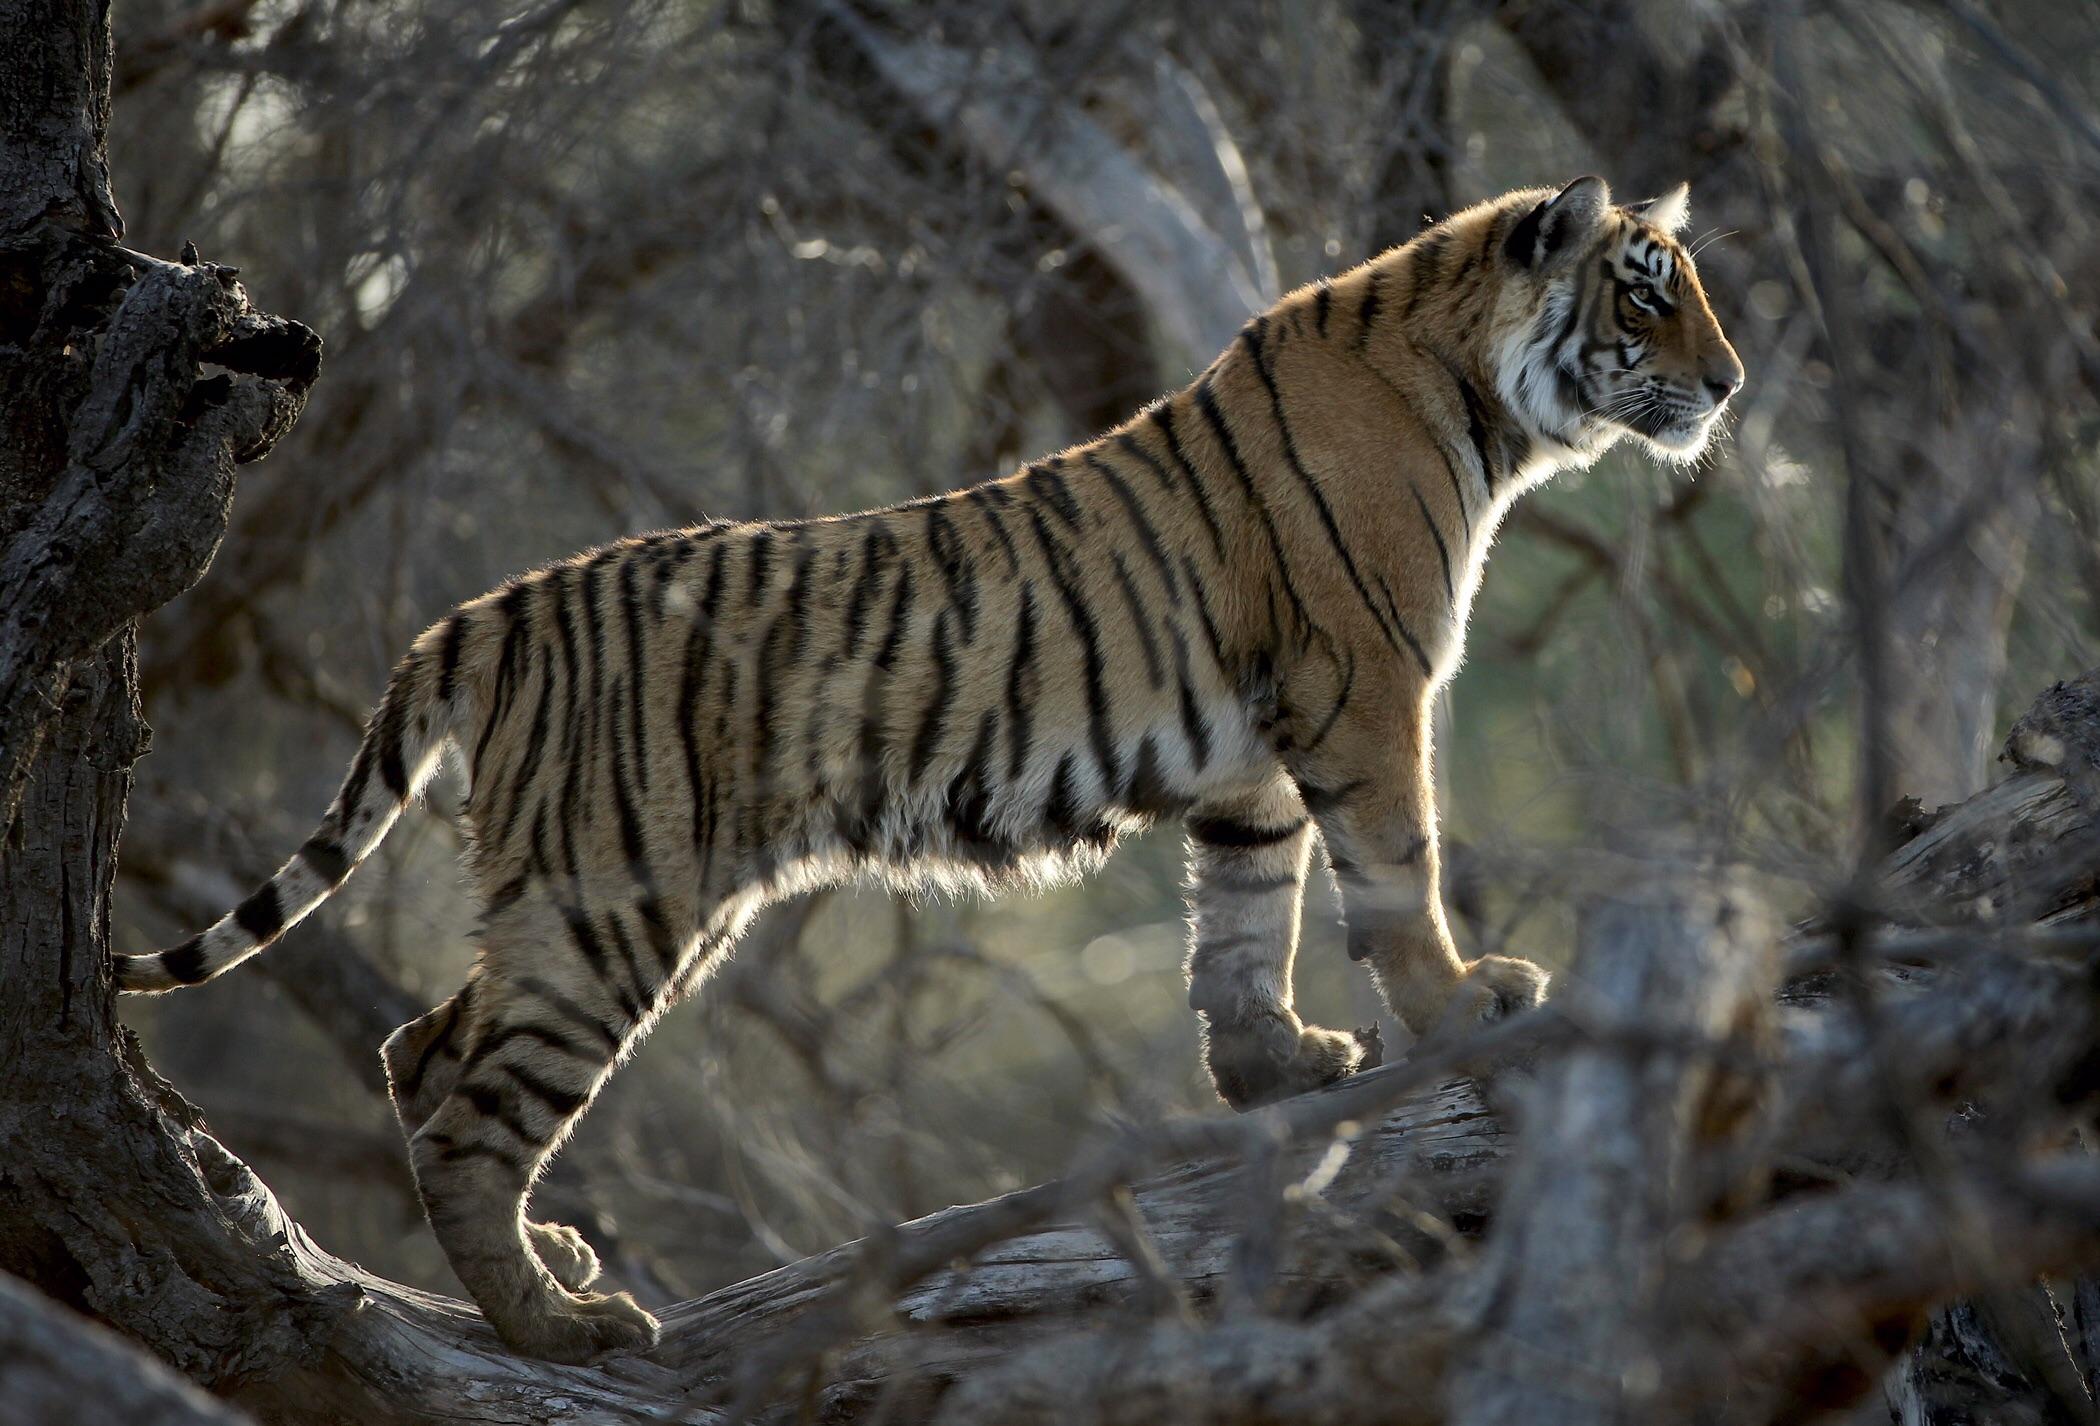 Female cub